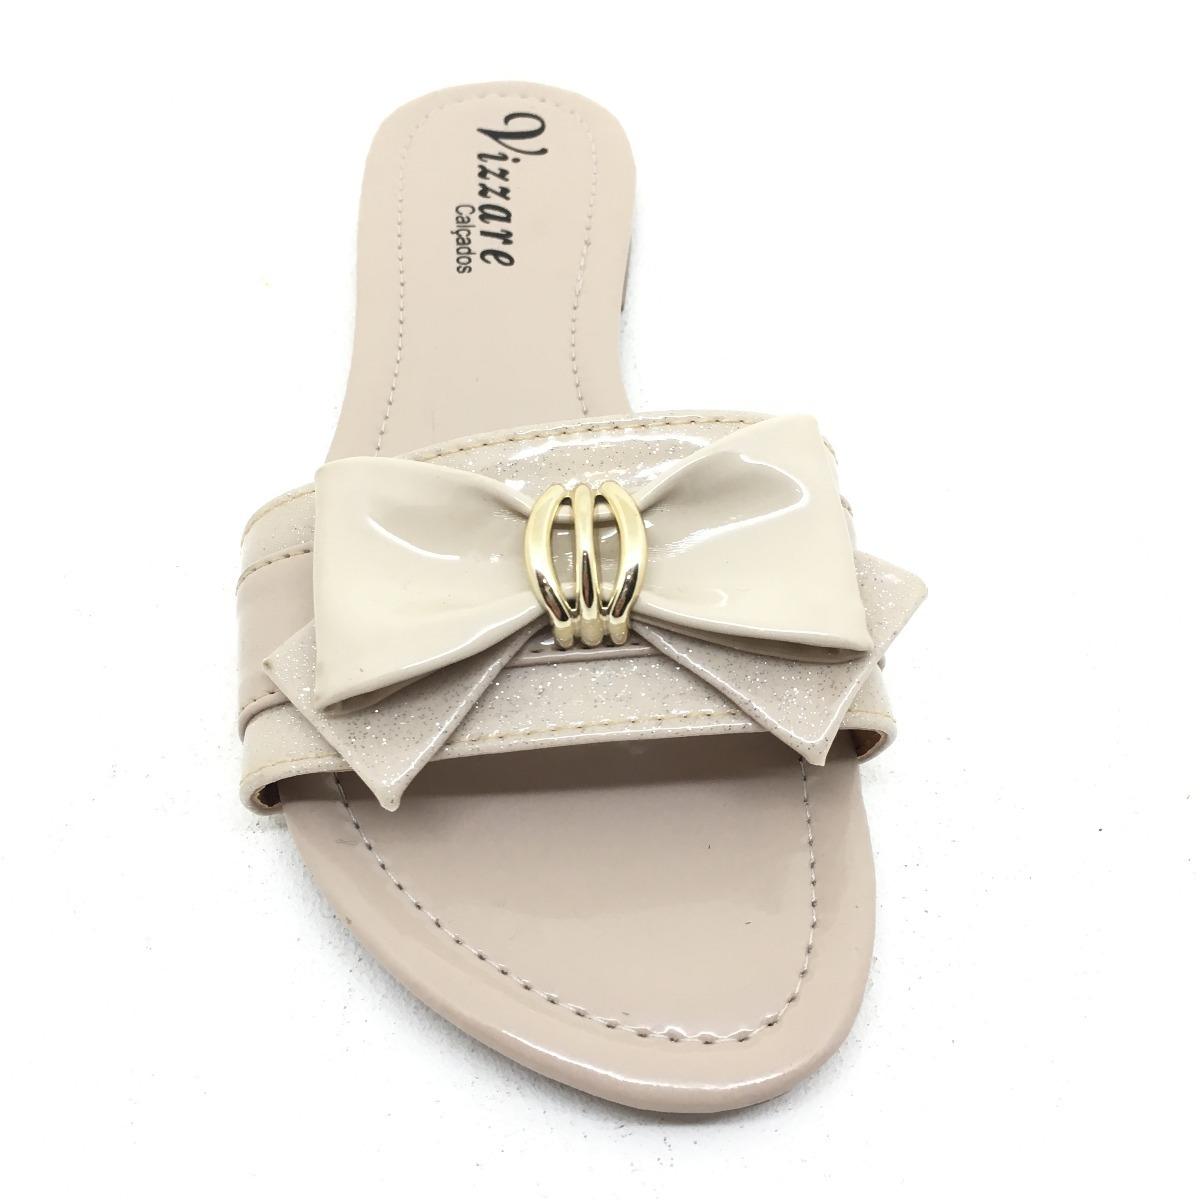 1acccd5201 femininos calçados rasteirinhas chinelos sandálias m. Carregando zoom... calçados  chinelos sandálias. Carregando zoom.